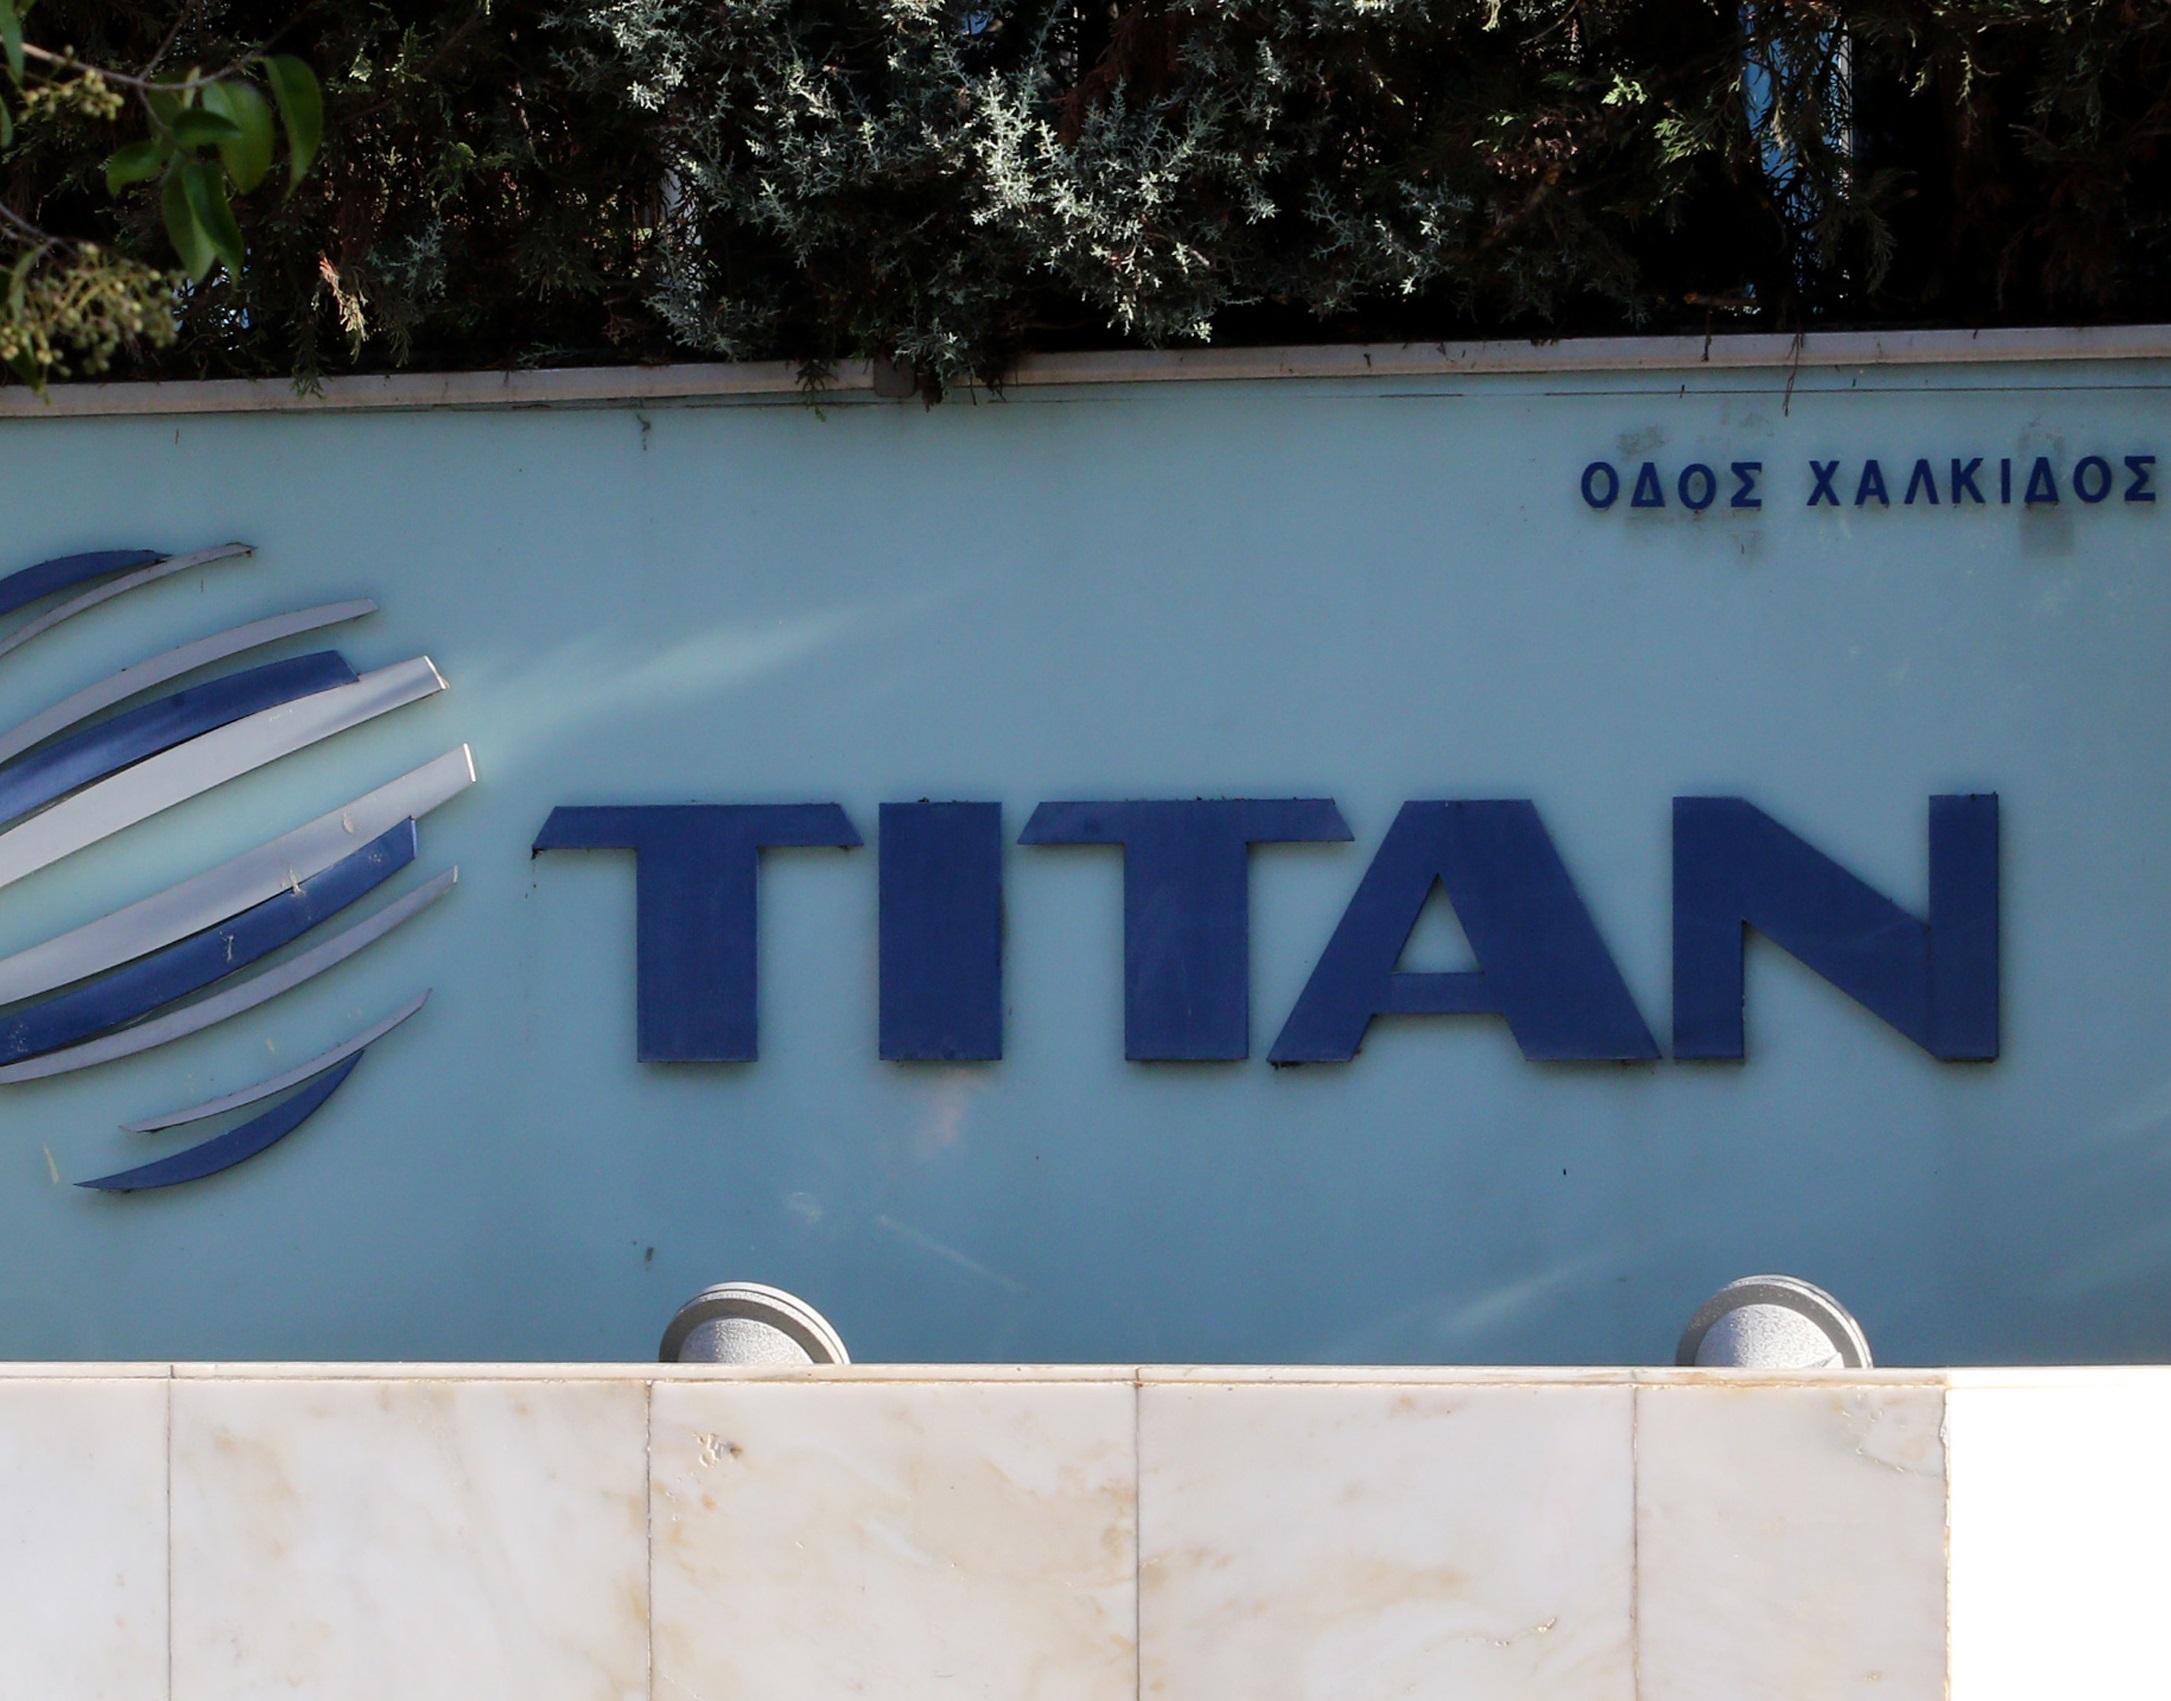 Στρατηγική συνεργασία Ομίλων ΤΙΤΑΝ – ΤΕΡΝΑ Ενεργειακή για επενδύσεις στη διαχείριση απορριμμάτων